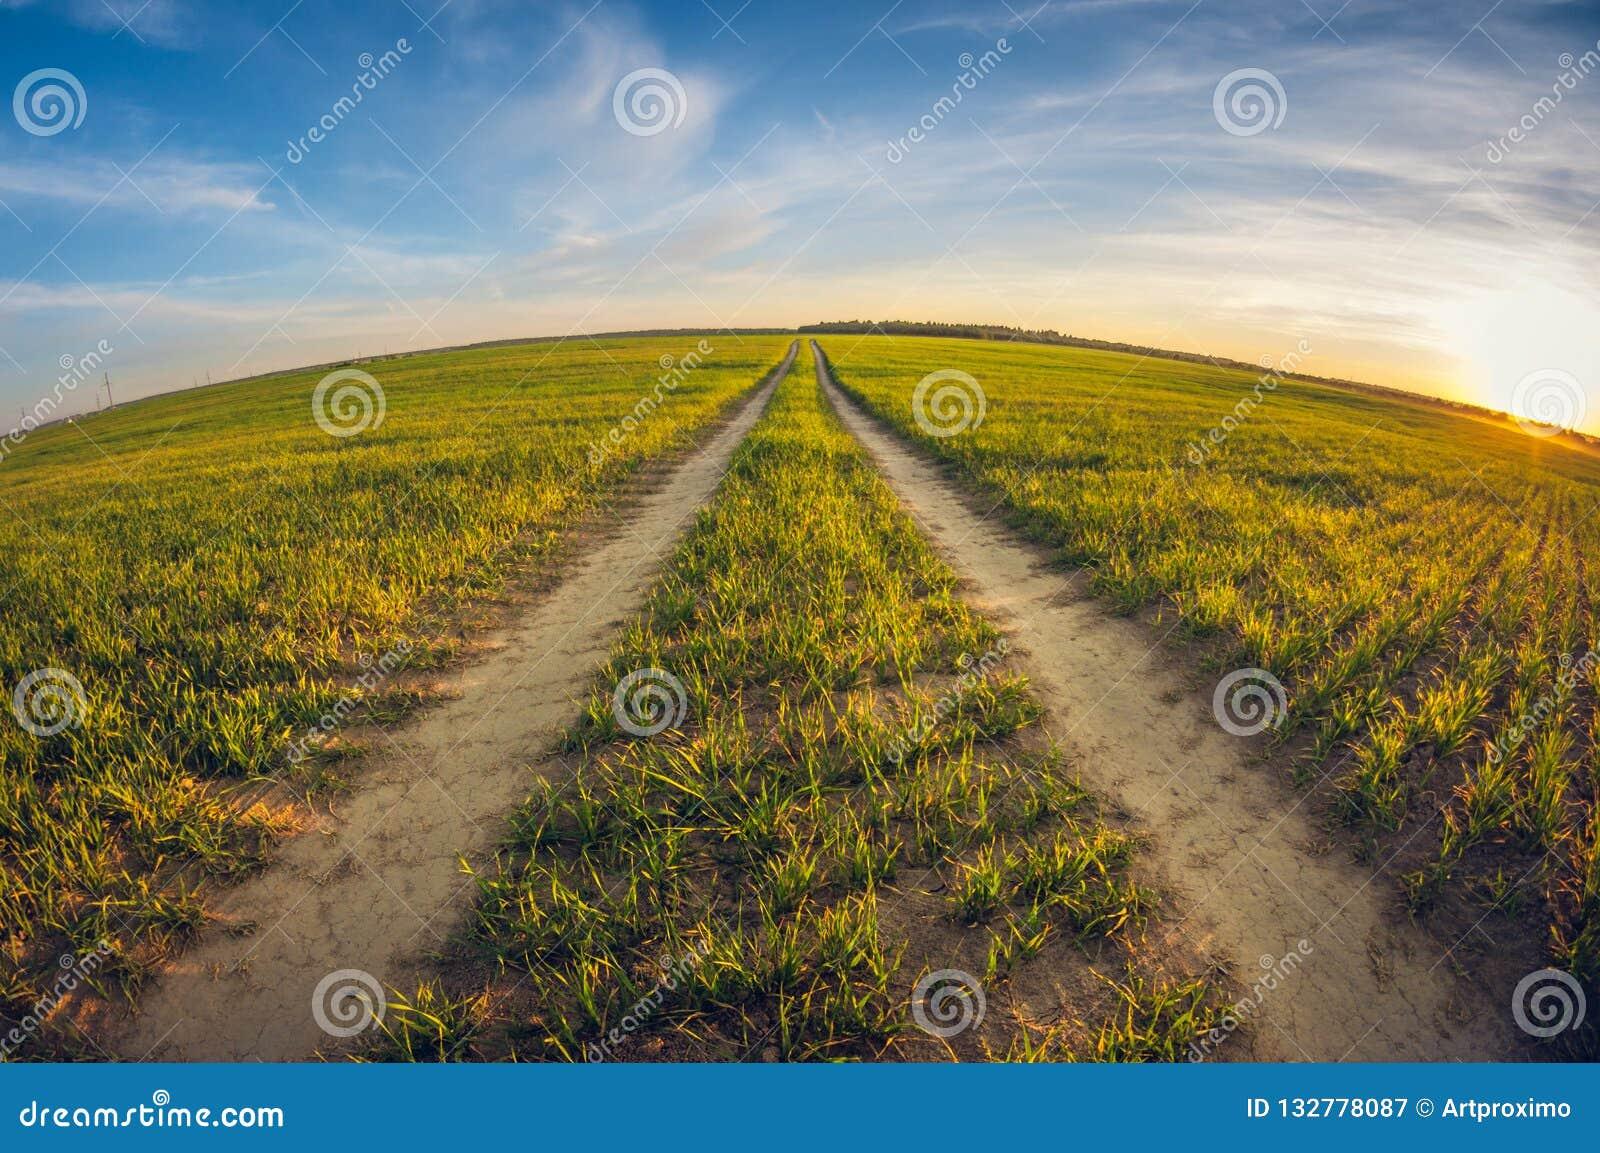 Estrada de terra da paisagem em um campo de sementeira na distorção do olho de peixes do por do sol